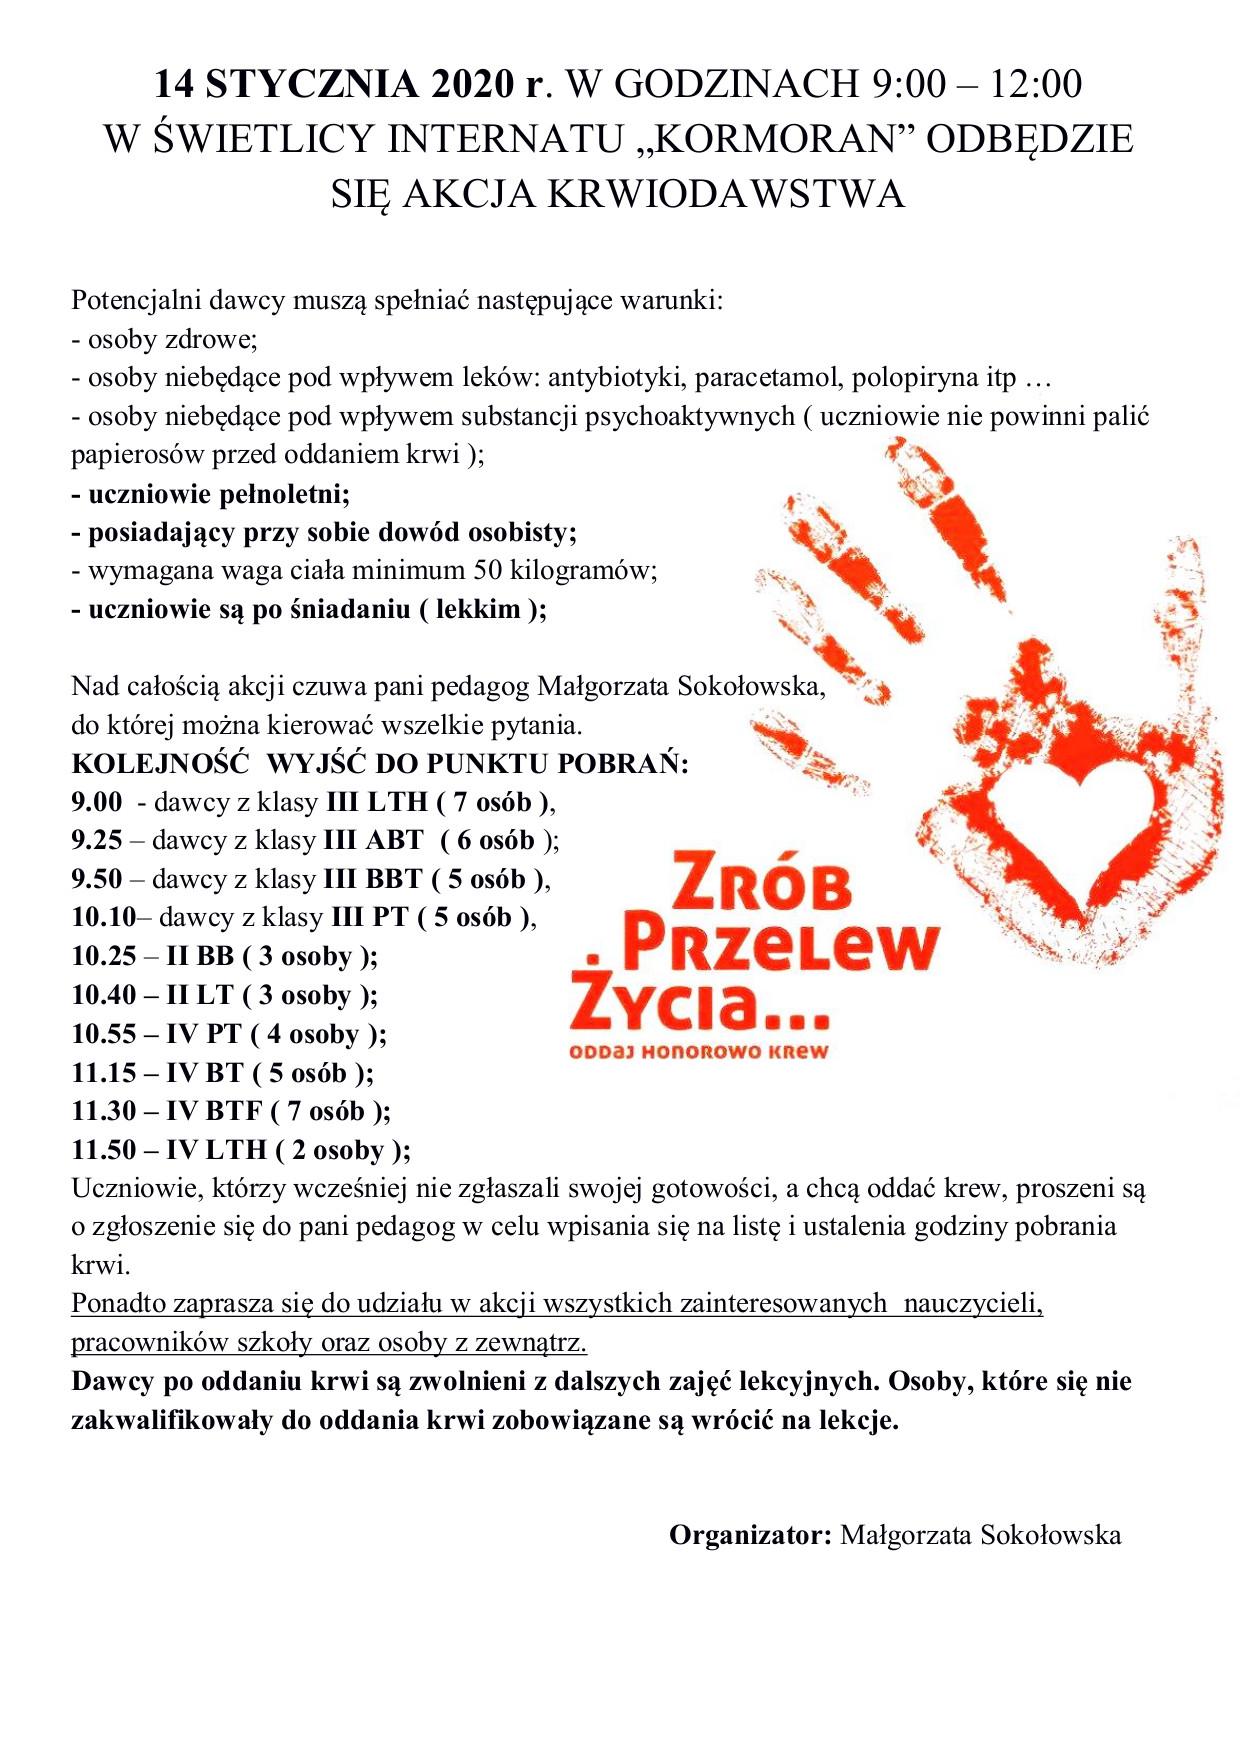 14-STYCZNIA-2020-r-ogłoszenie-krwiodawstwa.jpg